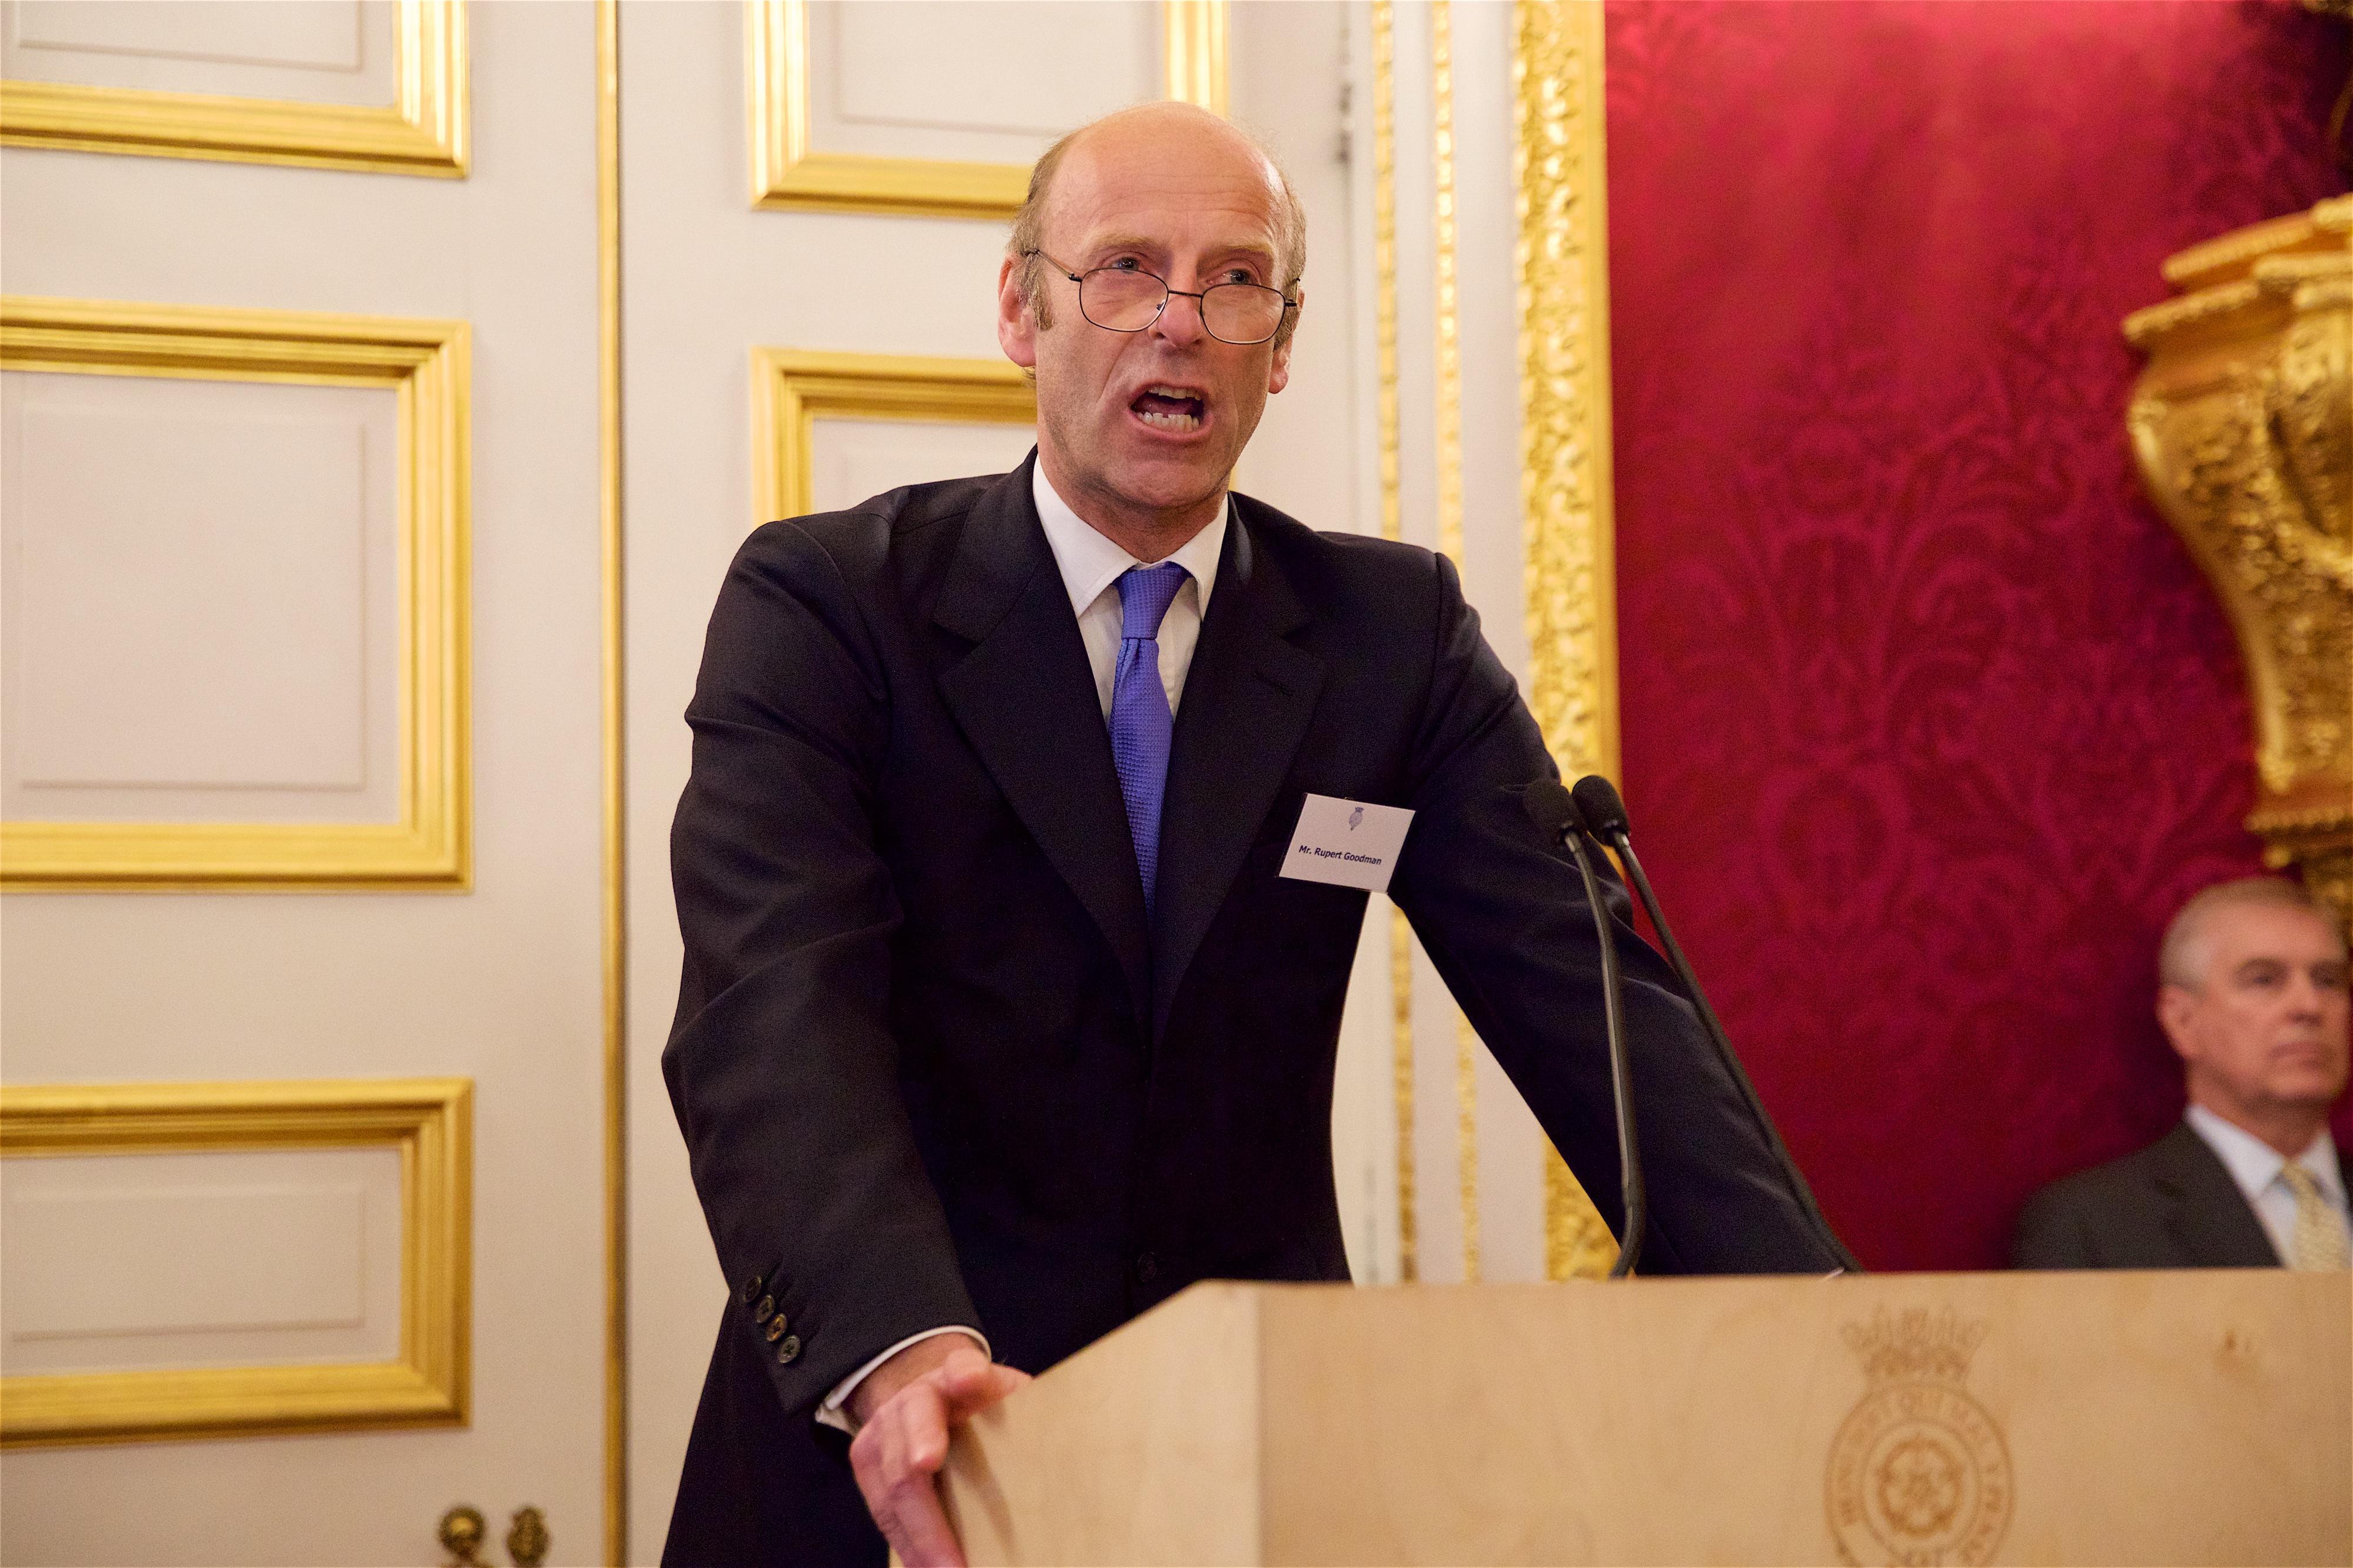 Rupert Goodman